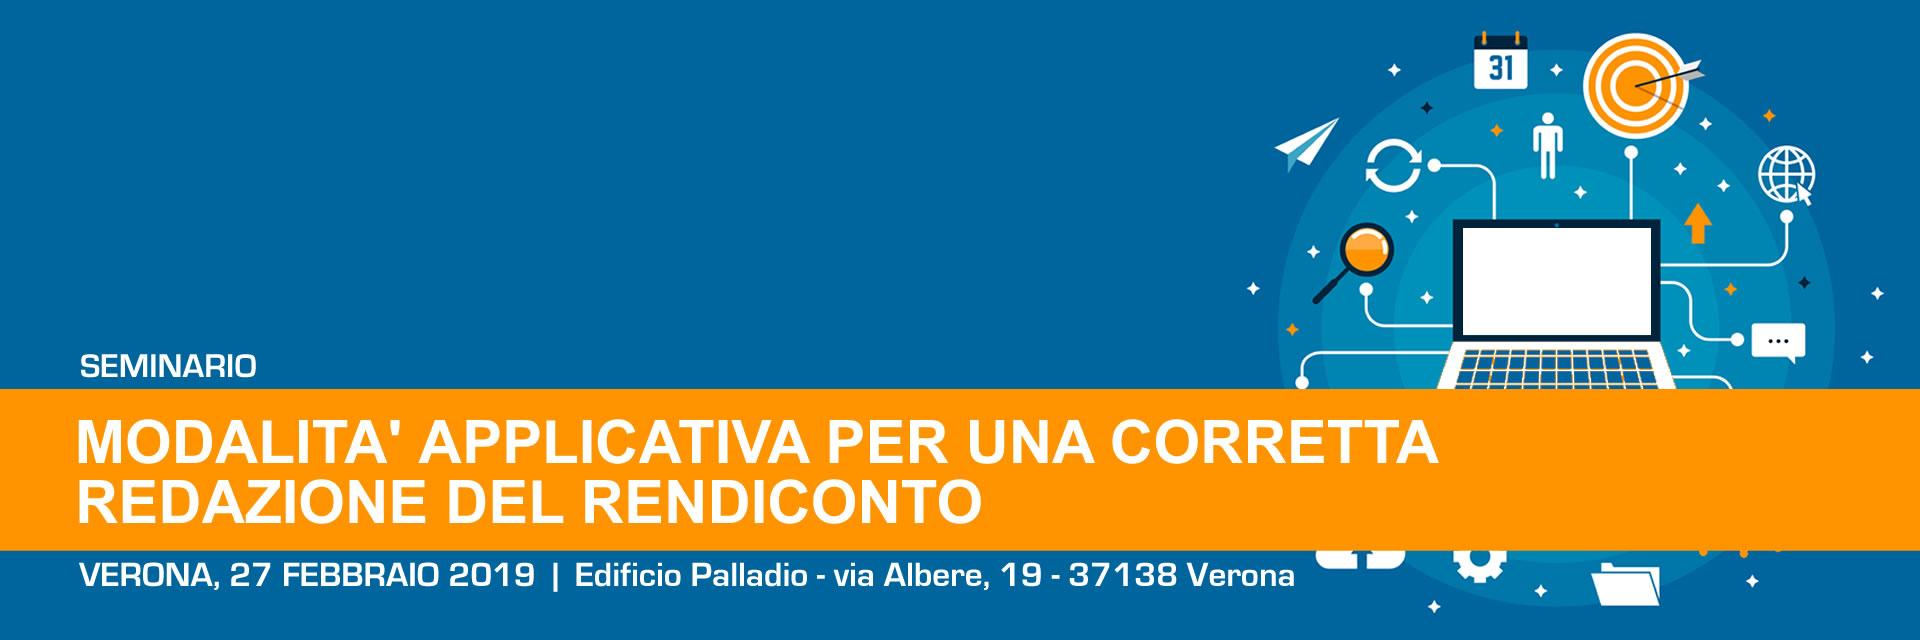 SlideSeminario201902